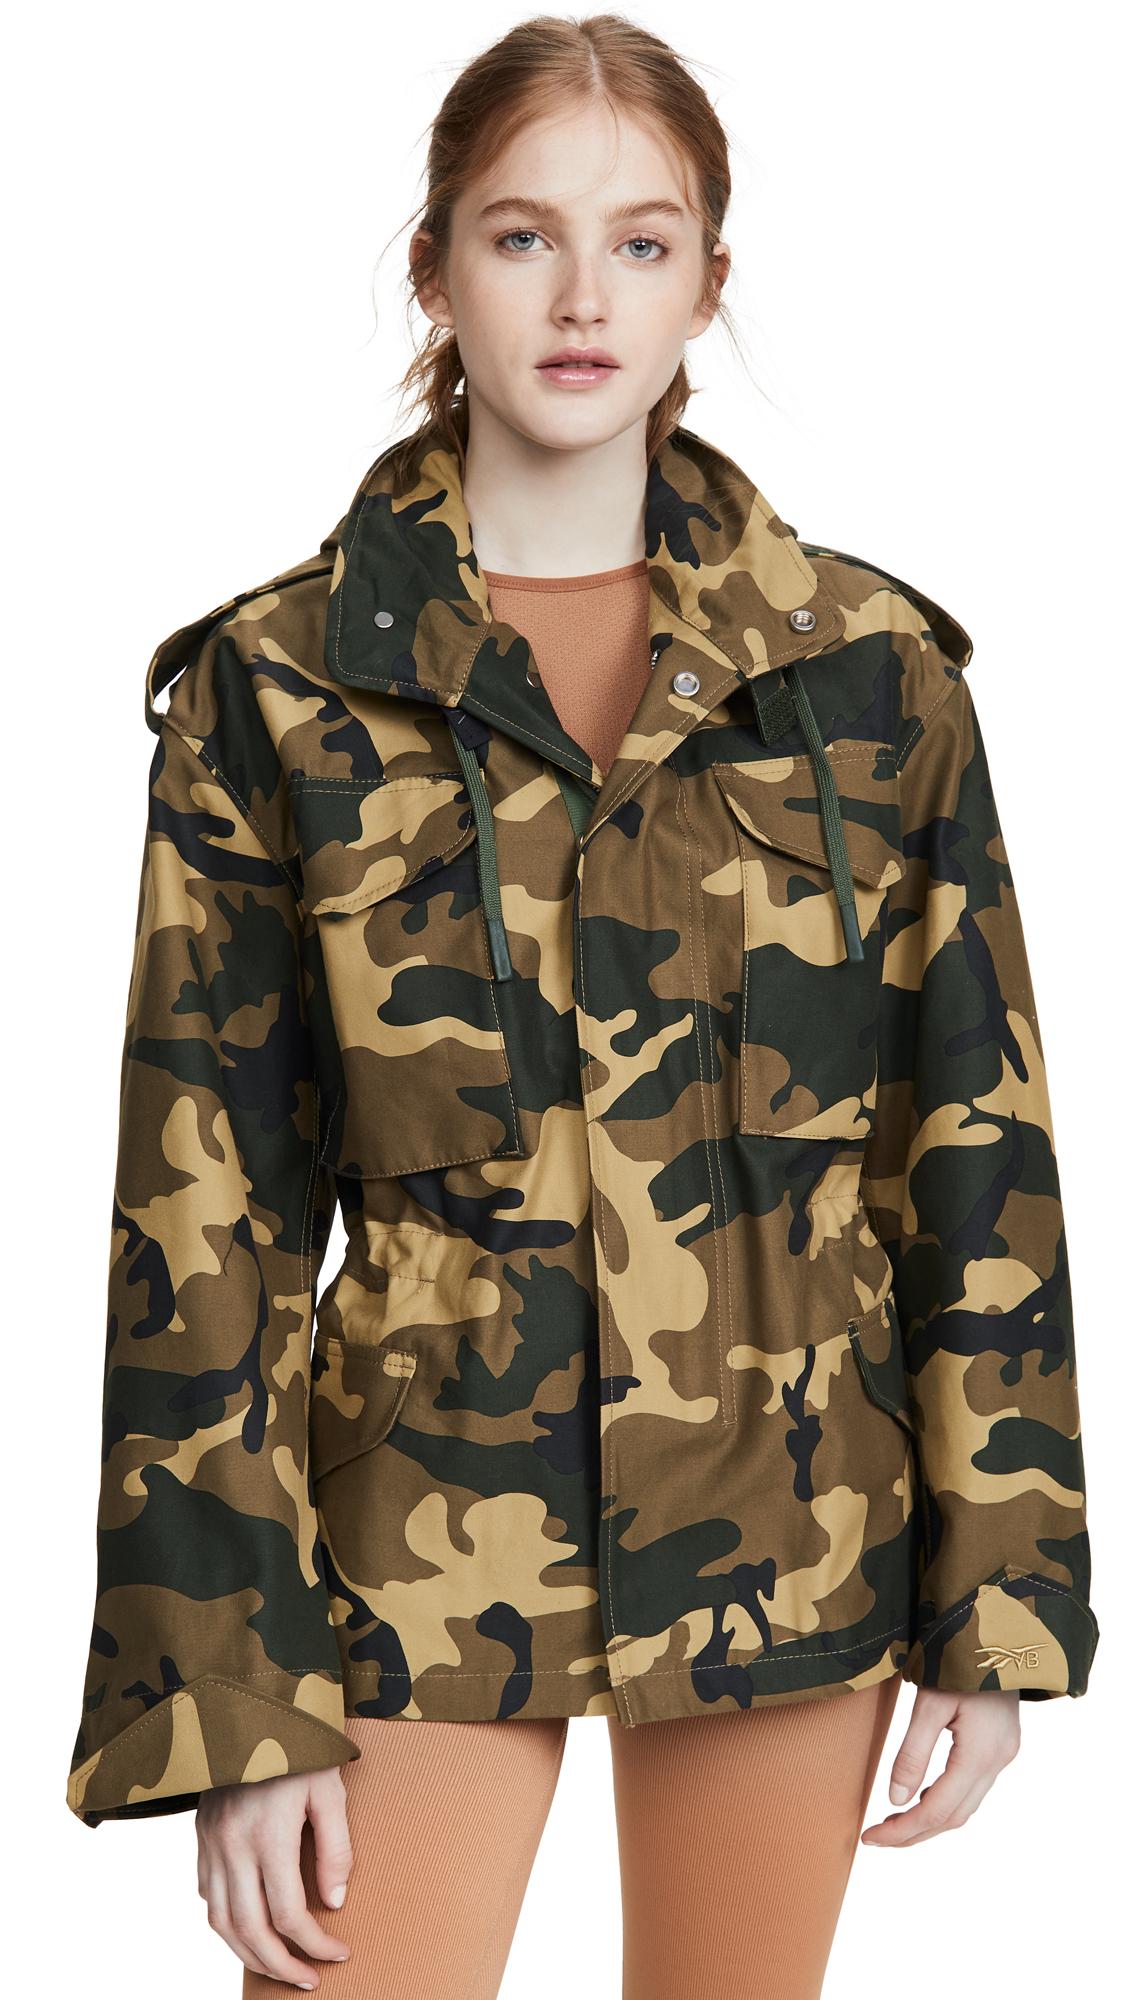 Buy Reebok x Victoria Beckham RBK VB Military Jacket online beautiful Reebok x Victoria Beckham Jackets, Coats, Down Jackets